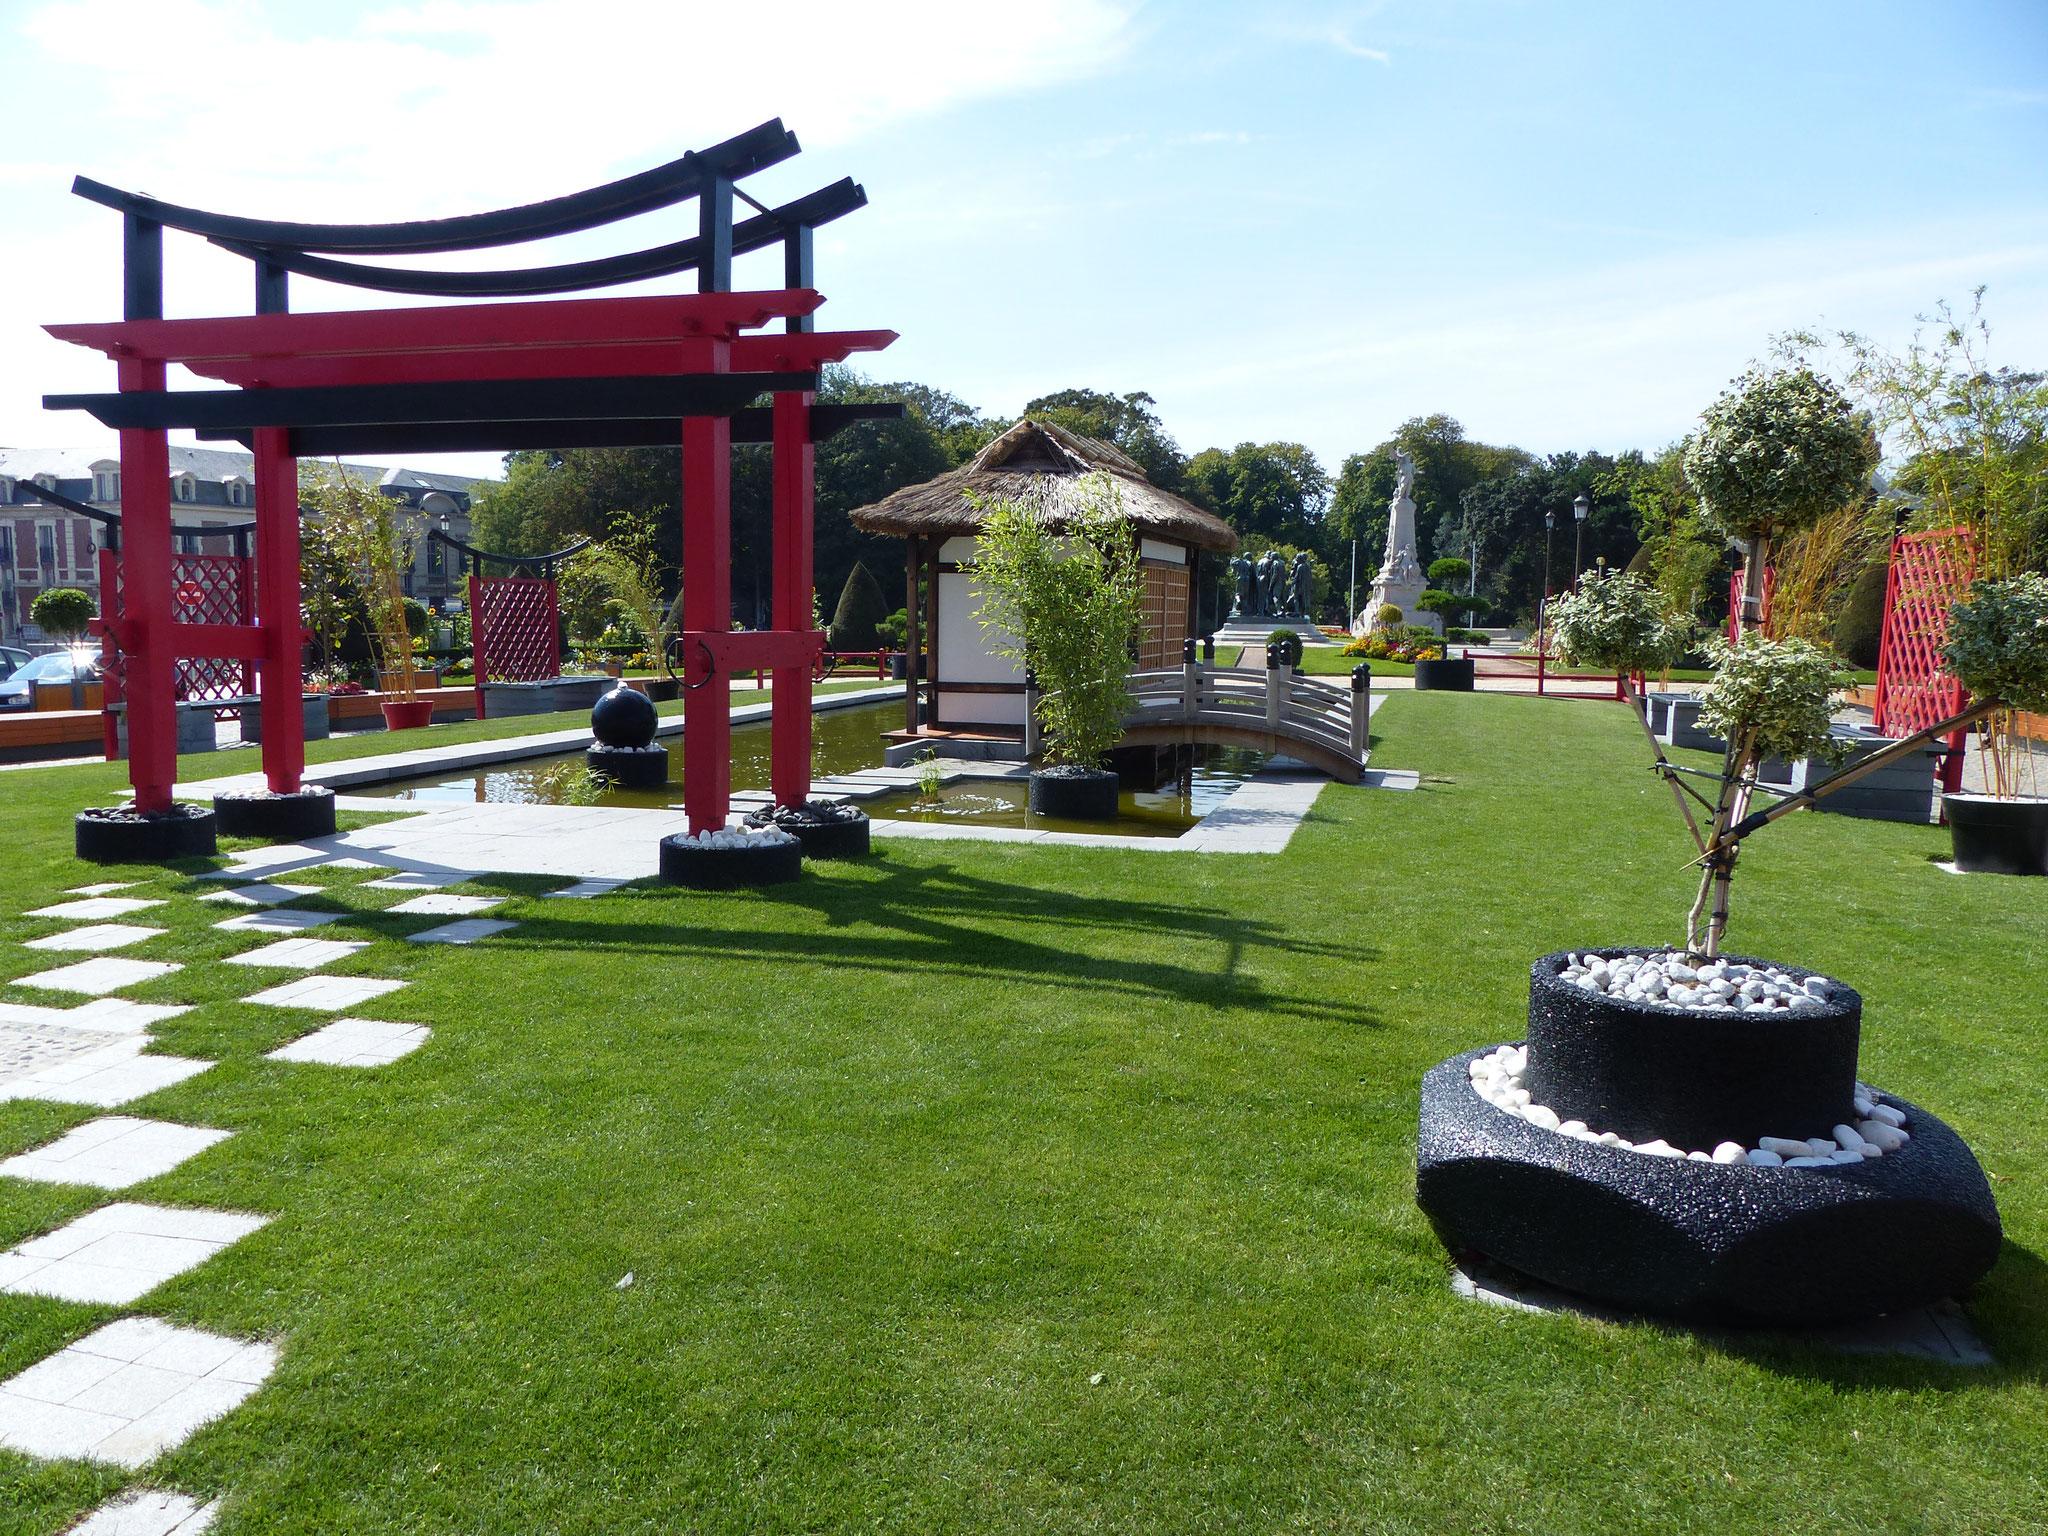 le jardin éphémère asiatique face à l'hôtel de ville